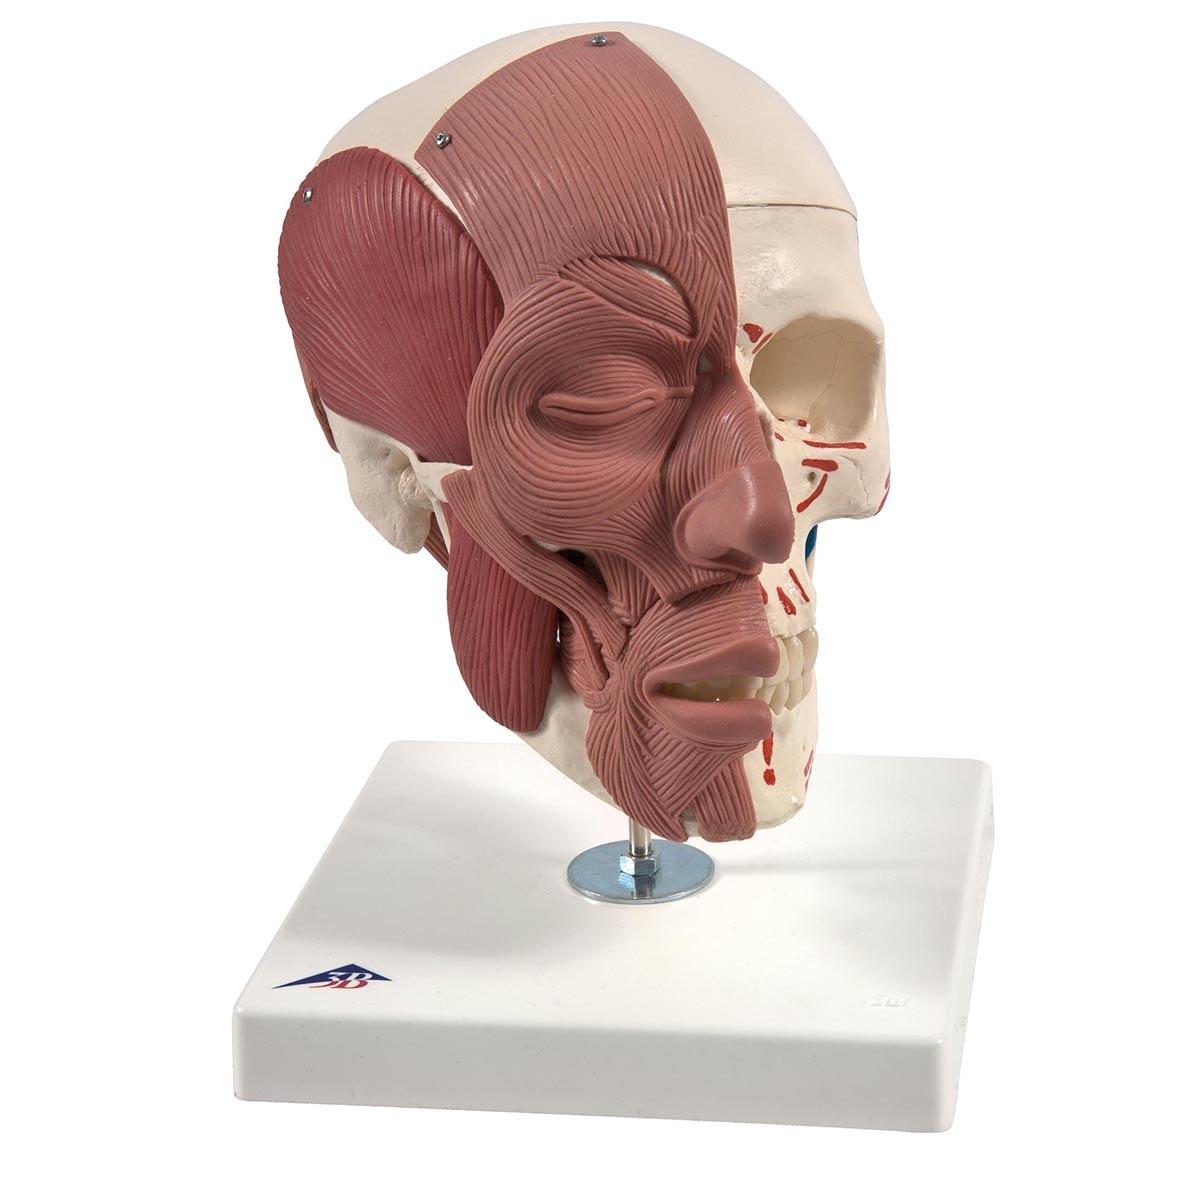 Kranie med muskler og muskelhæftepunkter